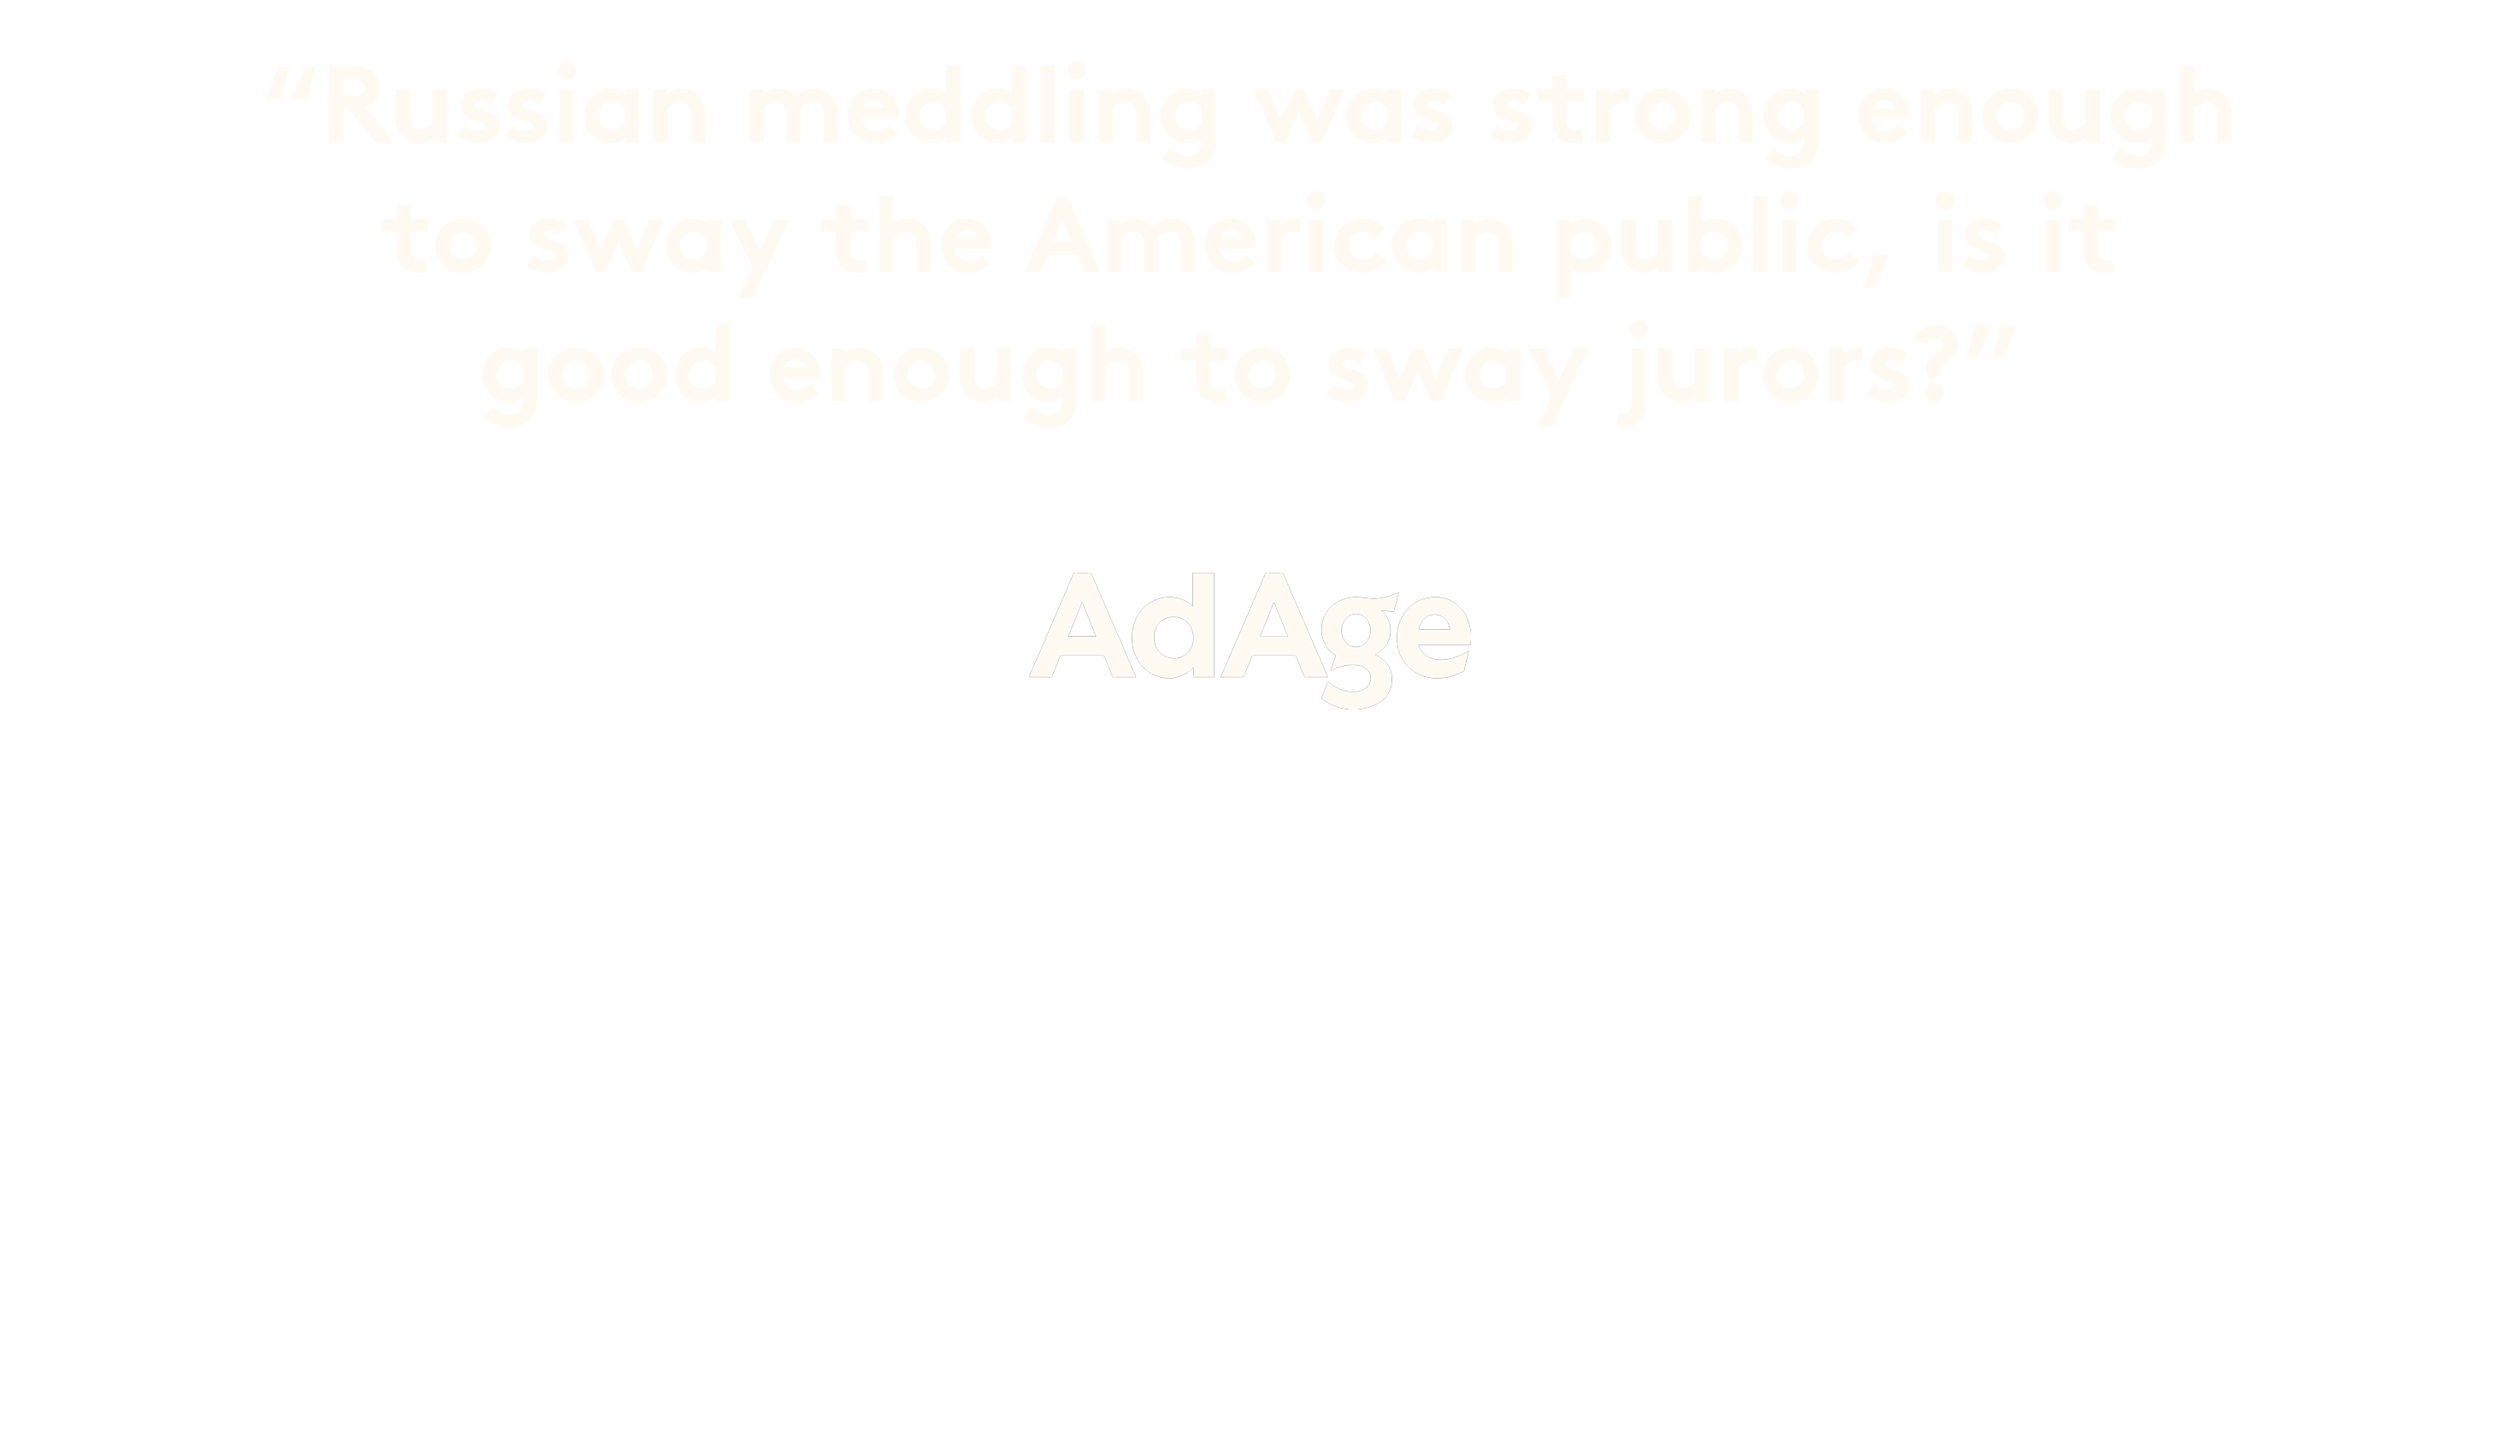 Pr.Meddle-Media-AdAge.png